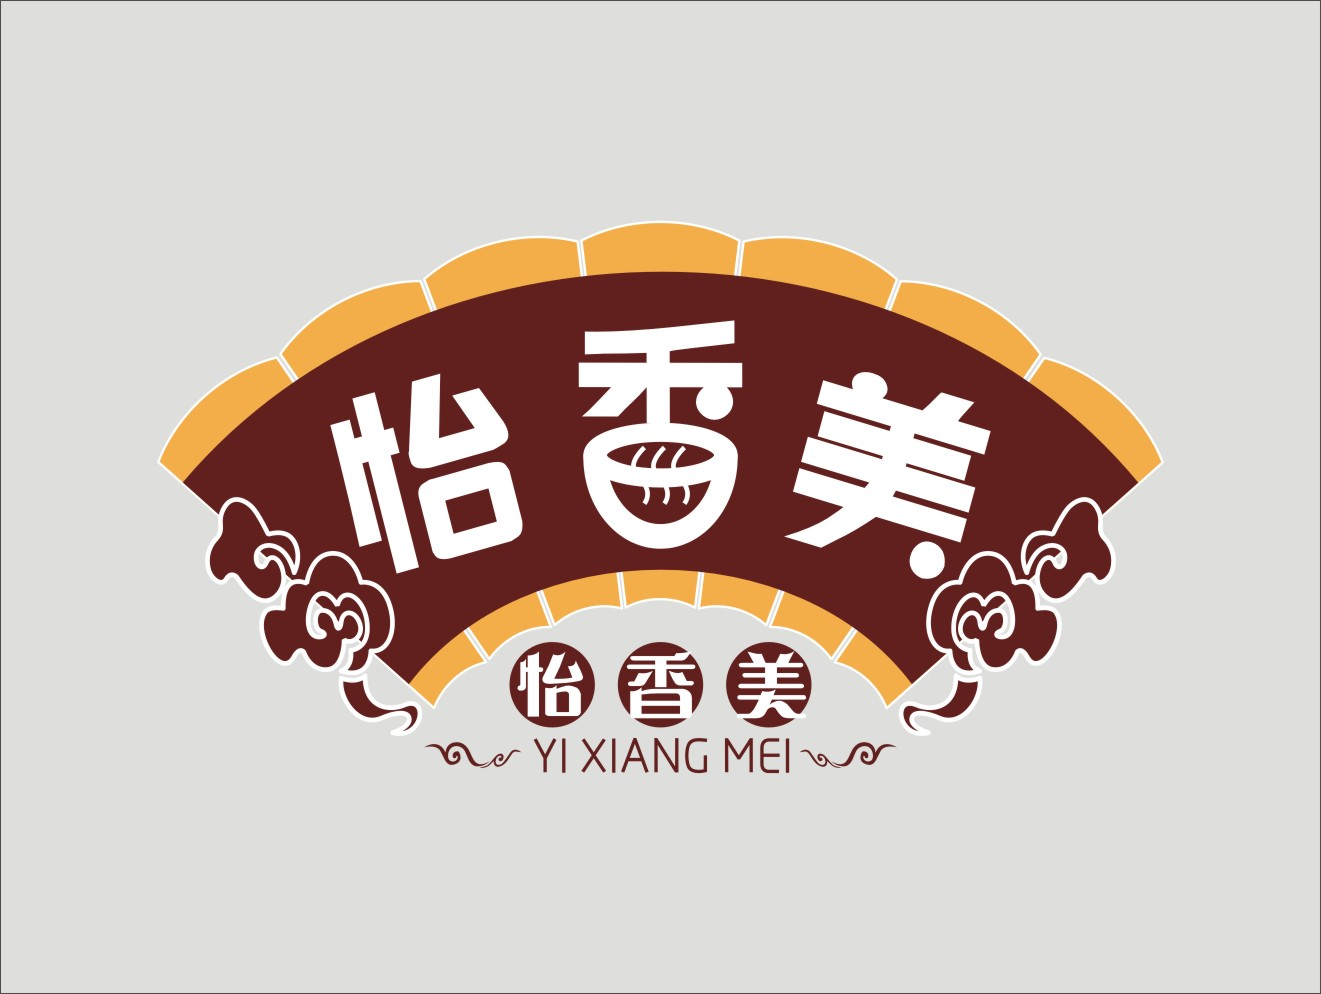 """""""怡香美""""餐饮管理公司标志logo设计征集"""